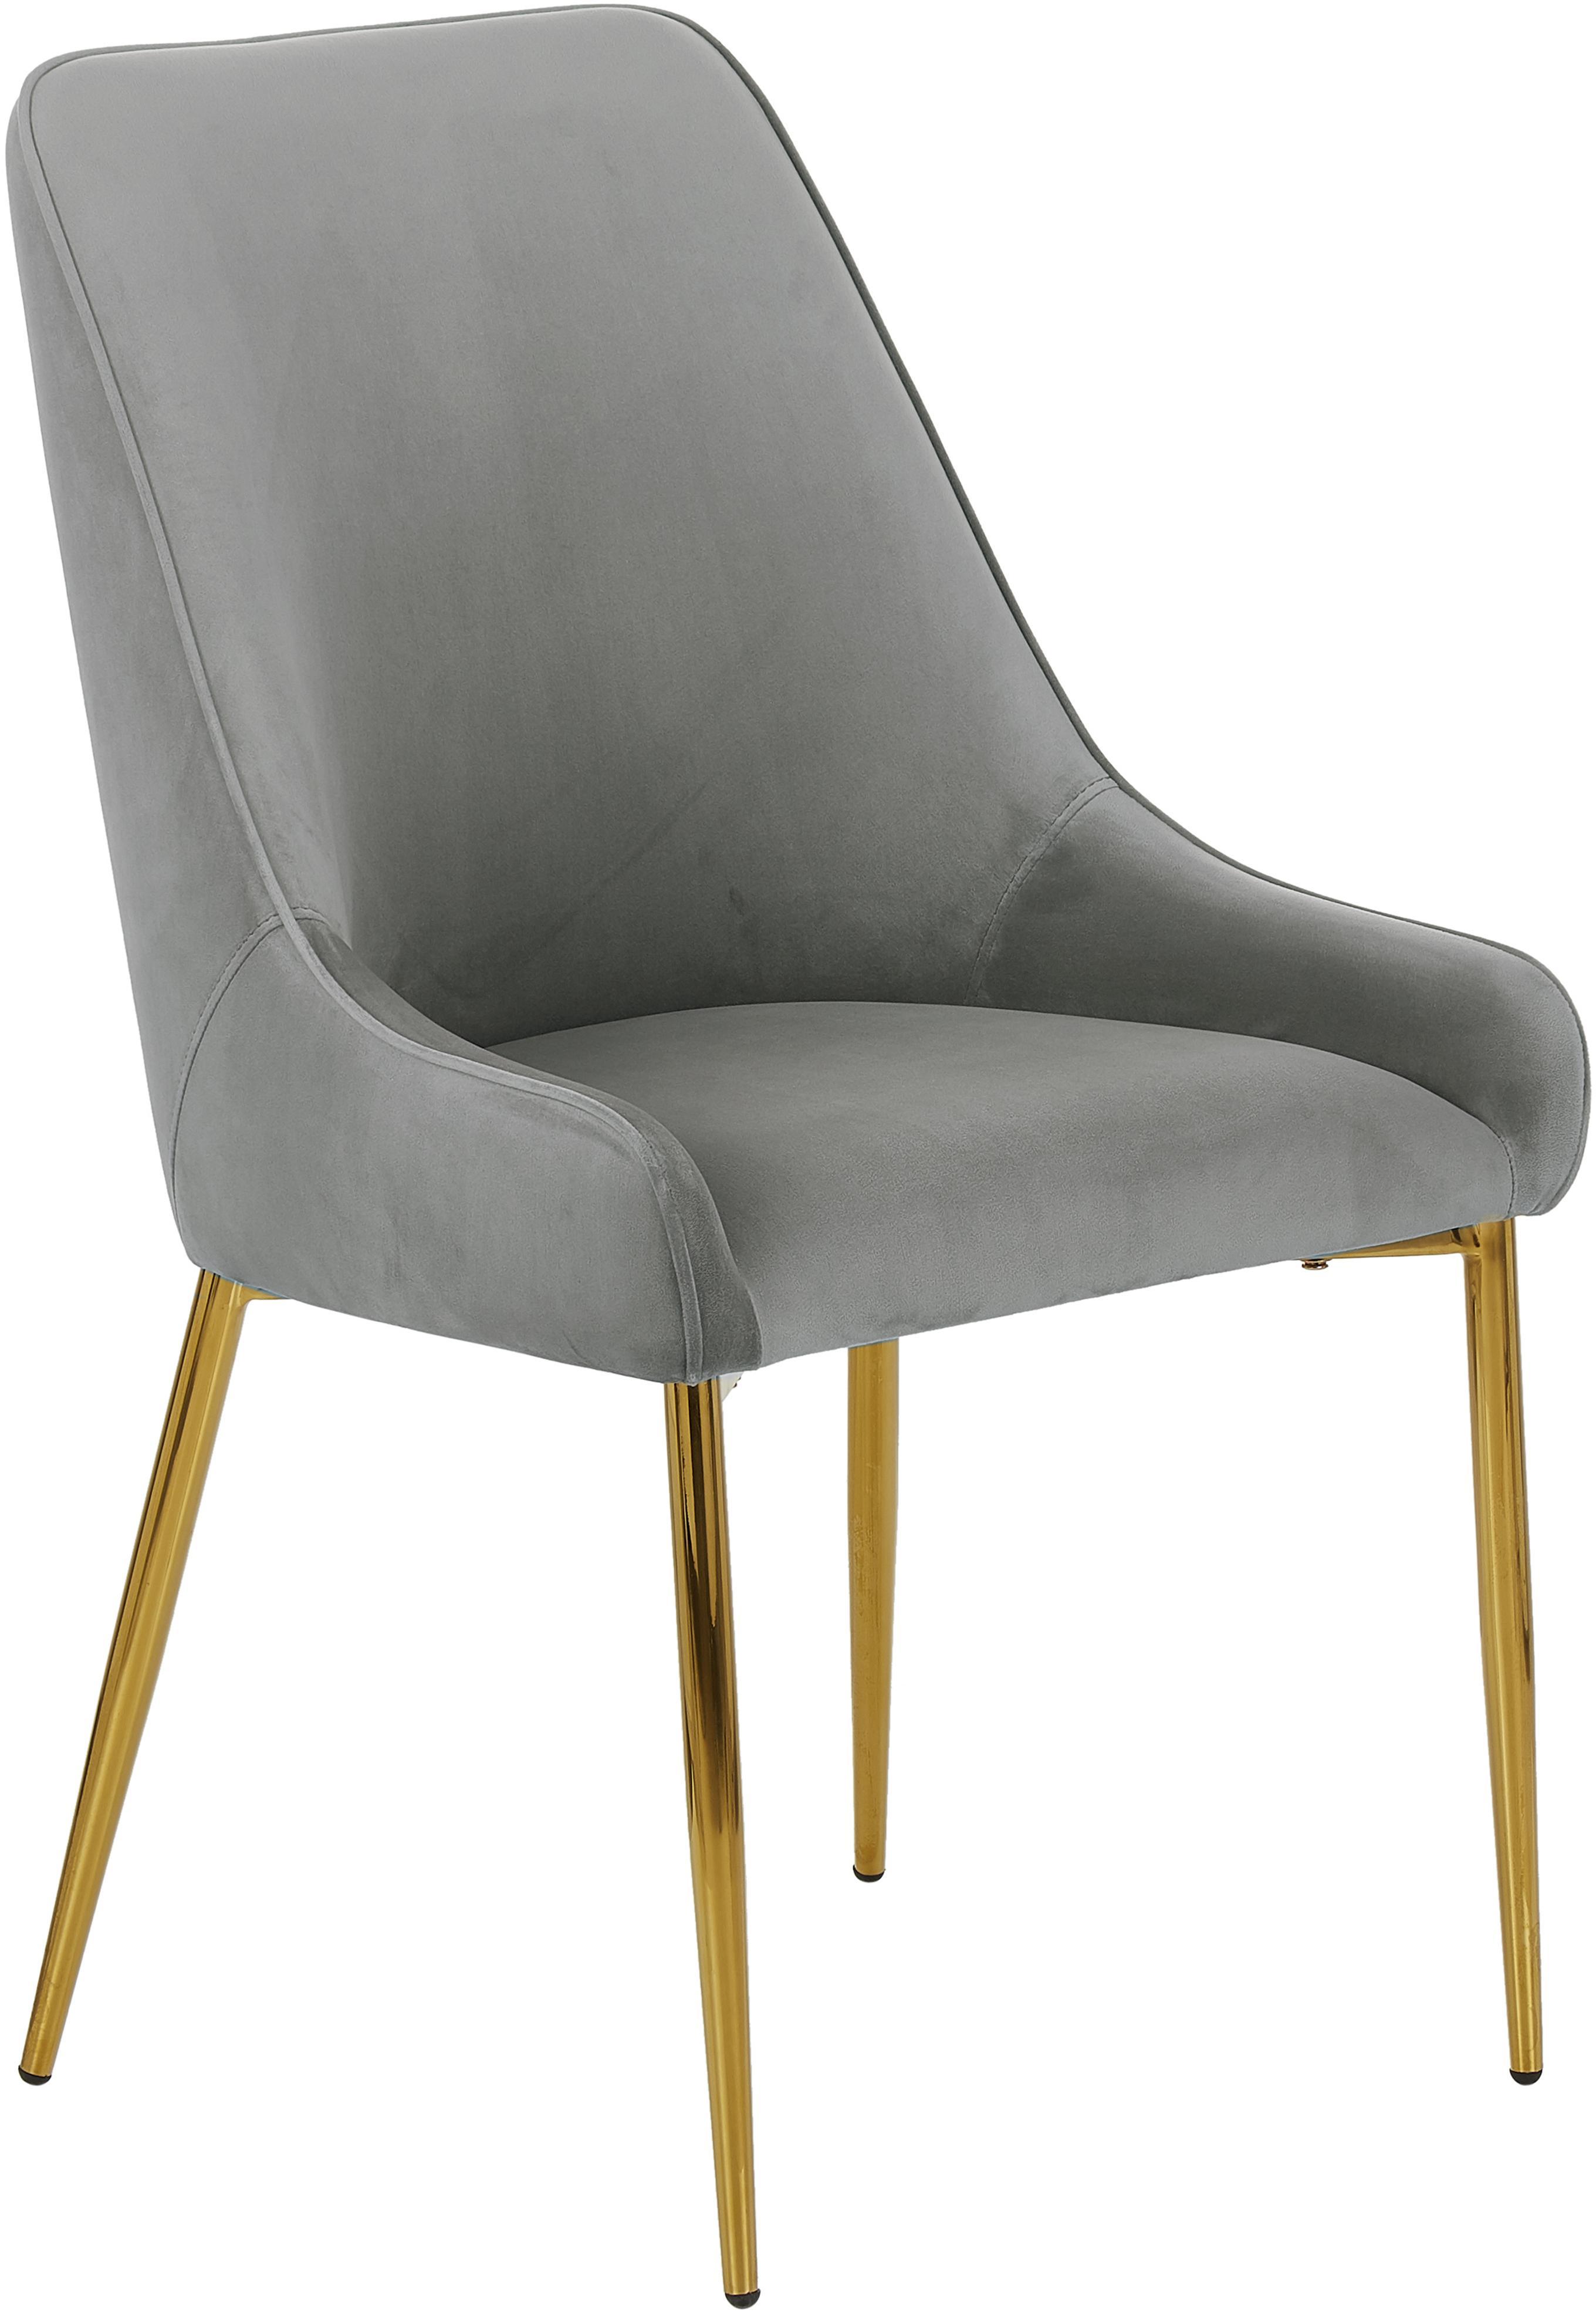 Krzesło tapicerowane z aksamitu Ava, Tapicerka: aksamit (100% poliester) , Nogi: metal galwanizowany, Aksamitny szary, S 55 x G 60 cm